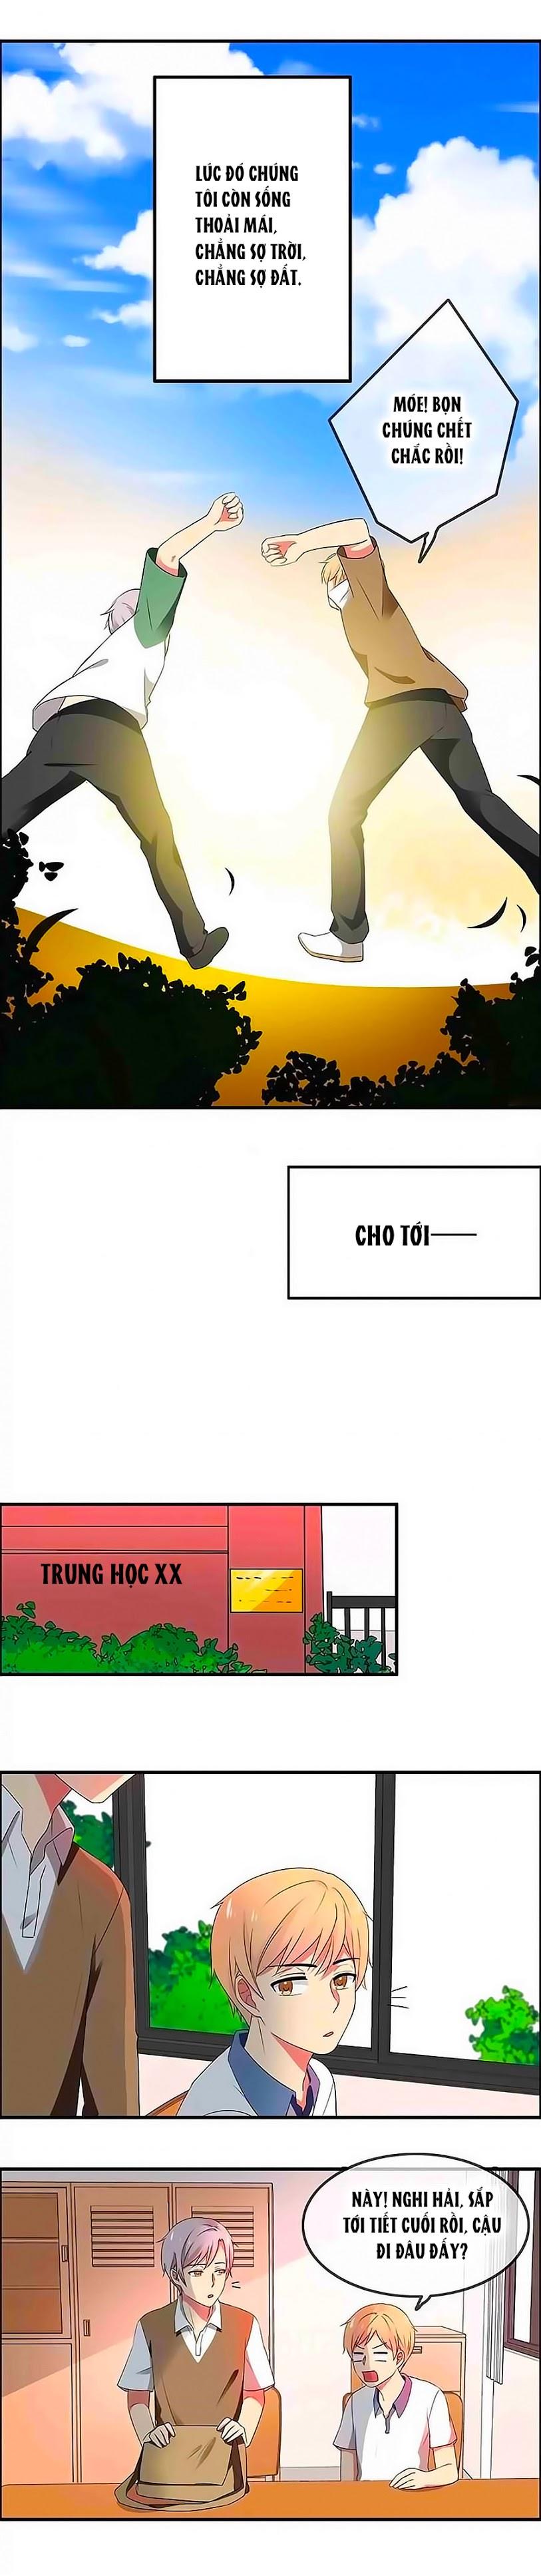 Đại Thần Tình Yêu Chớ Chạm Tôi chap 28 - Trang 7